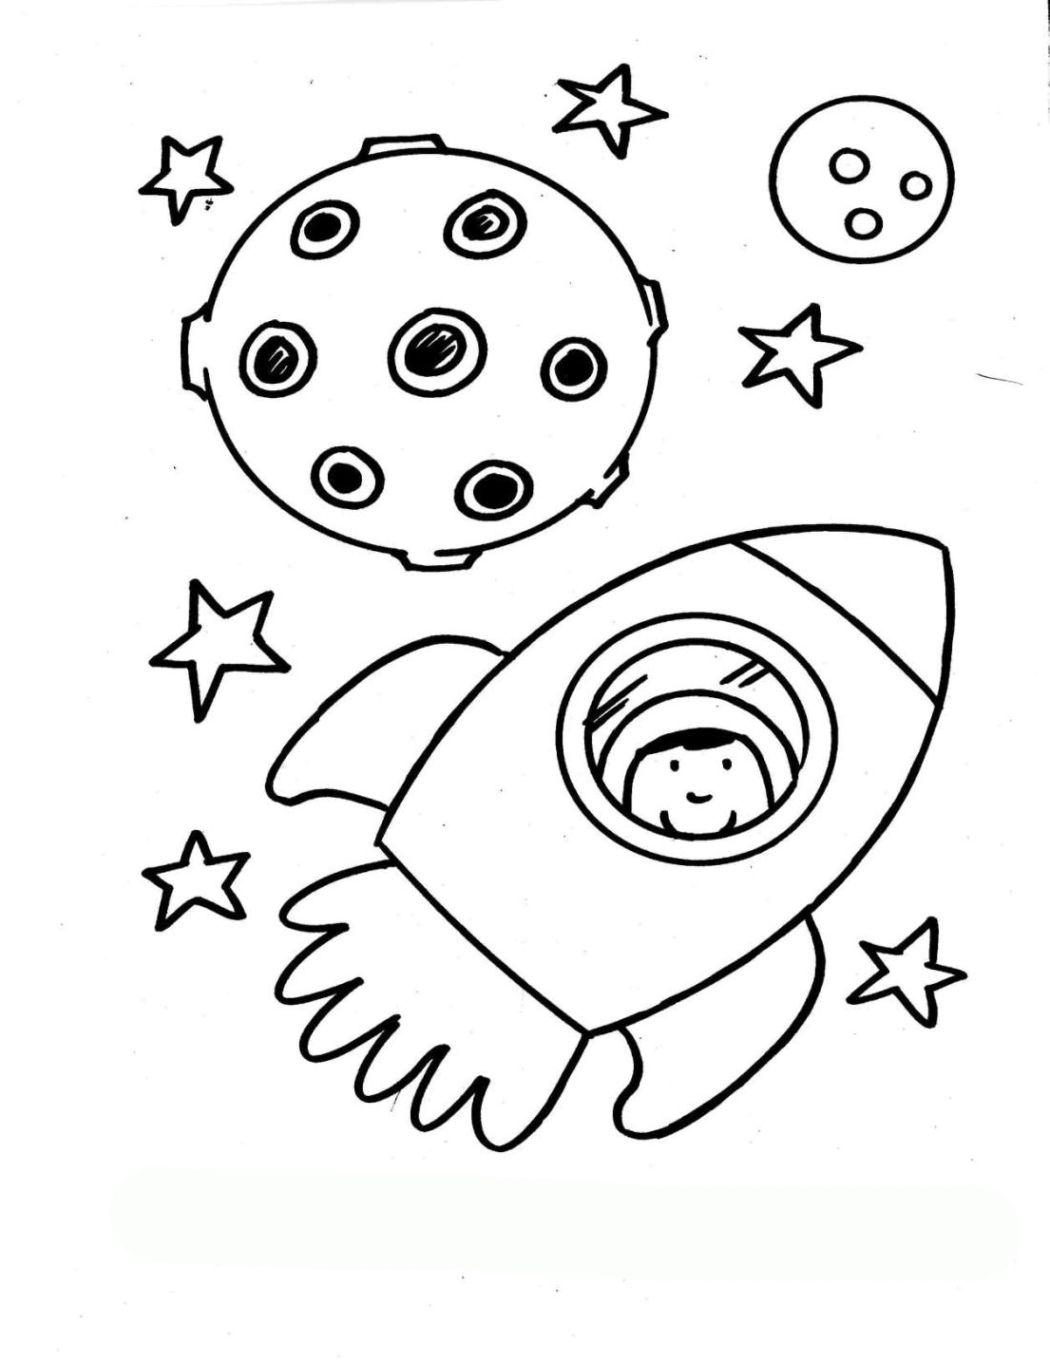 Vorlagen zum Ausdrucken Ausmalbilder Rakete Malvorlagen 1